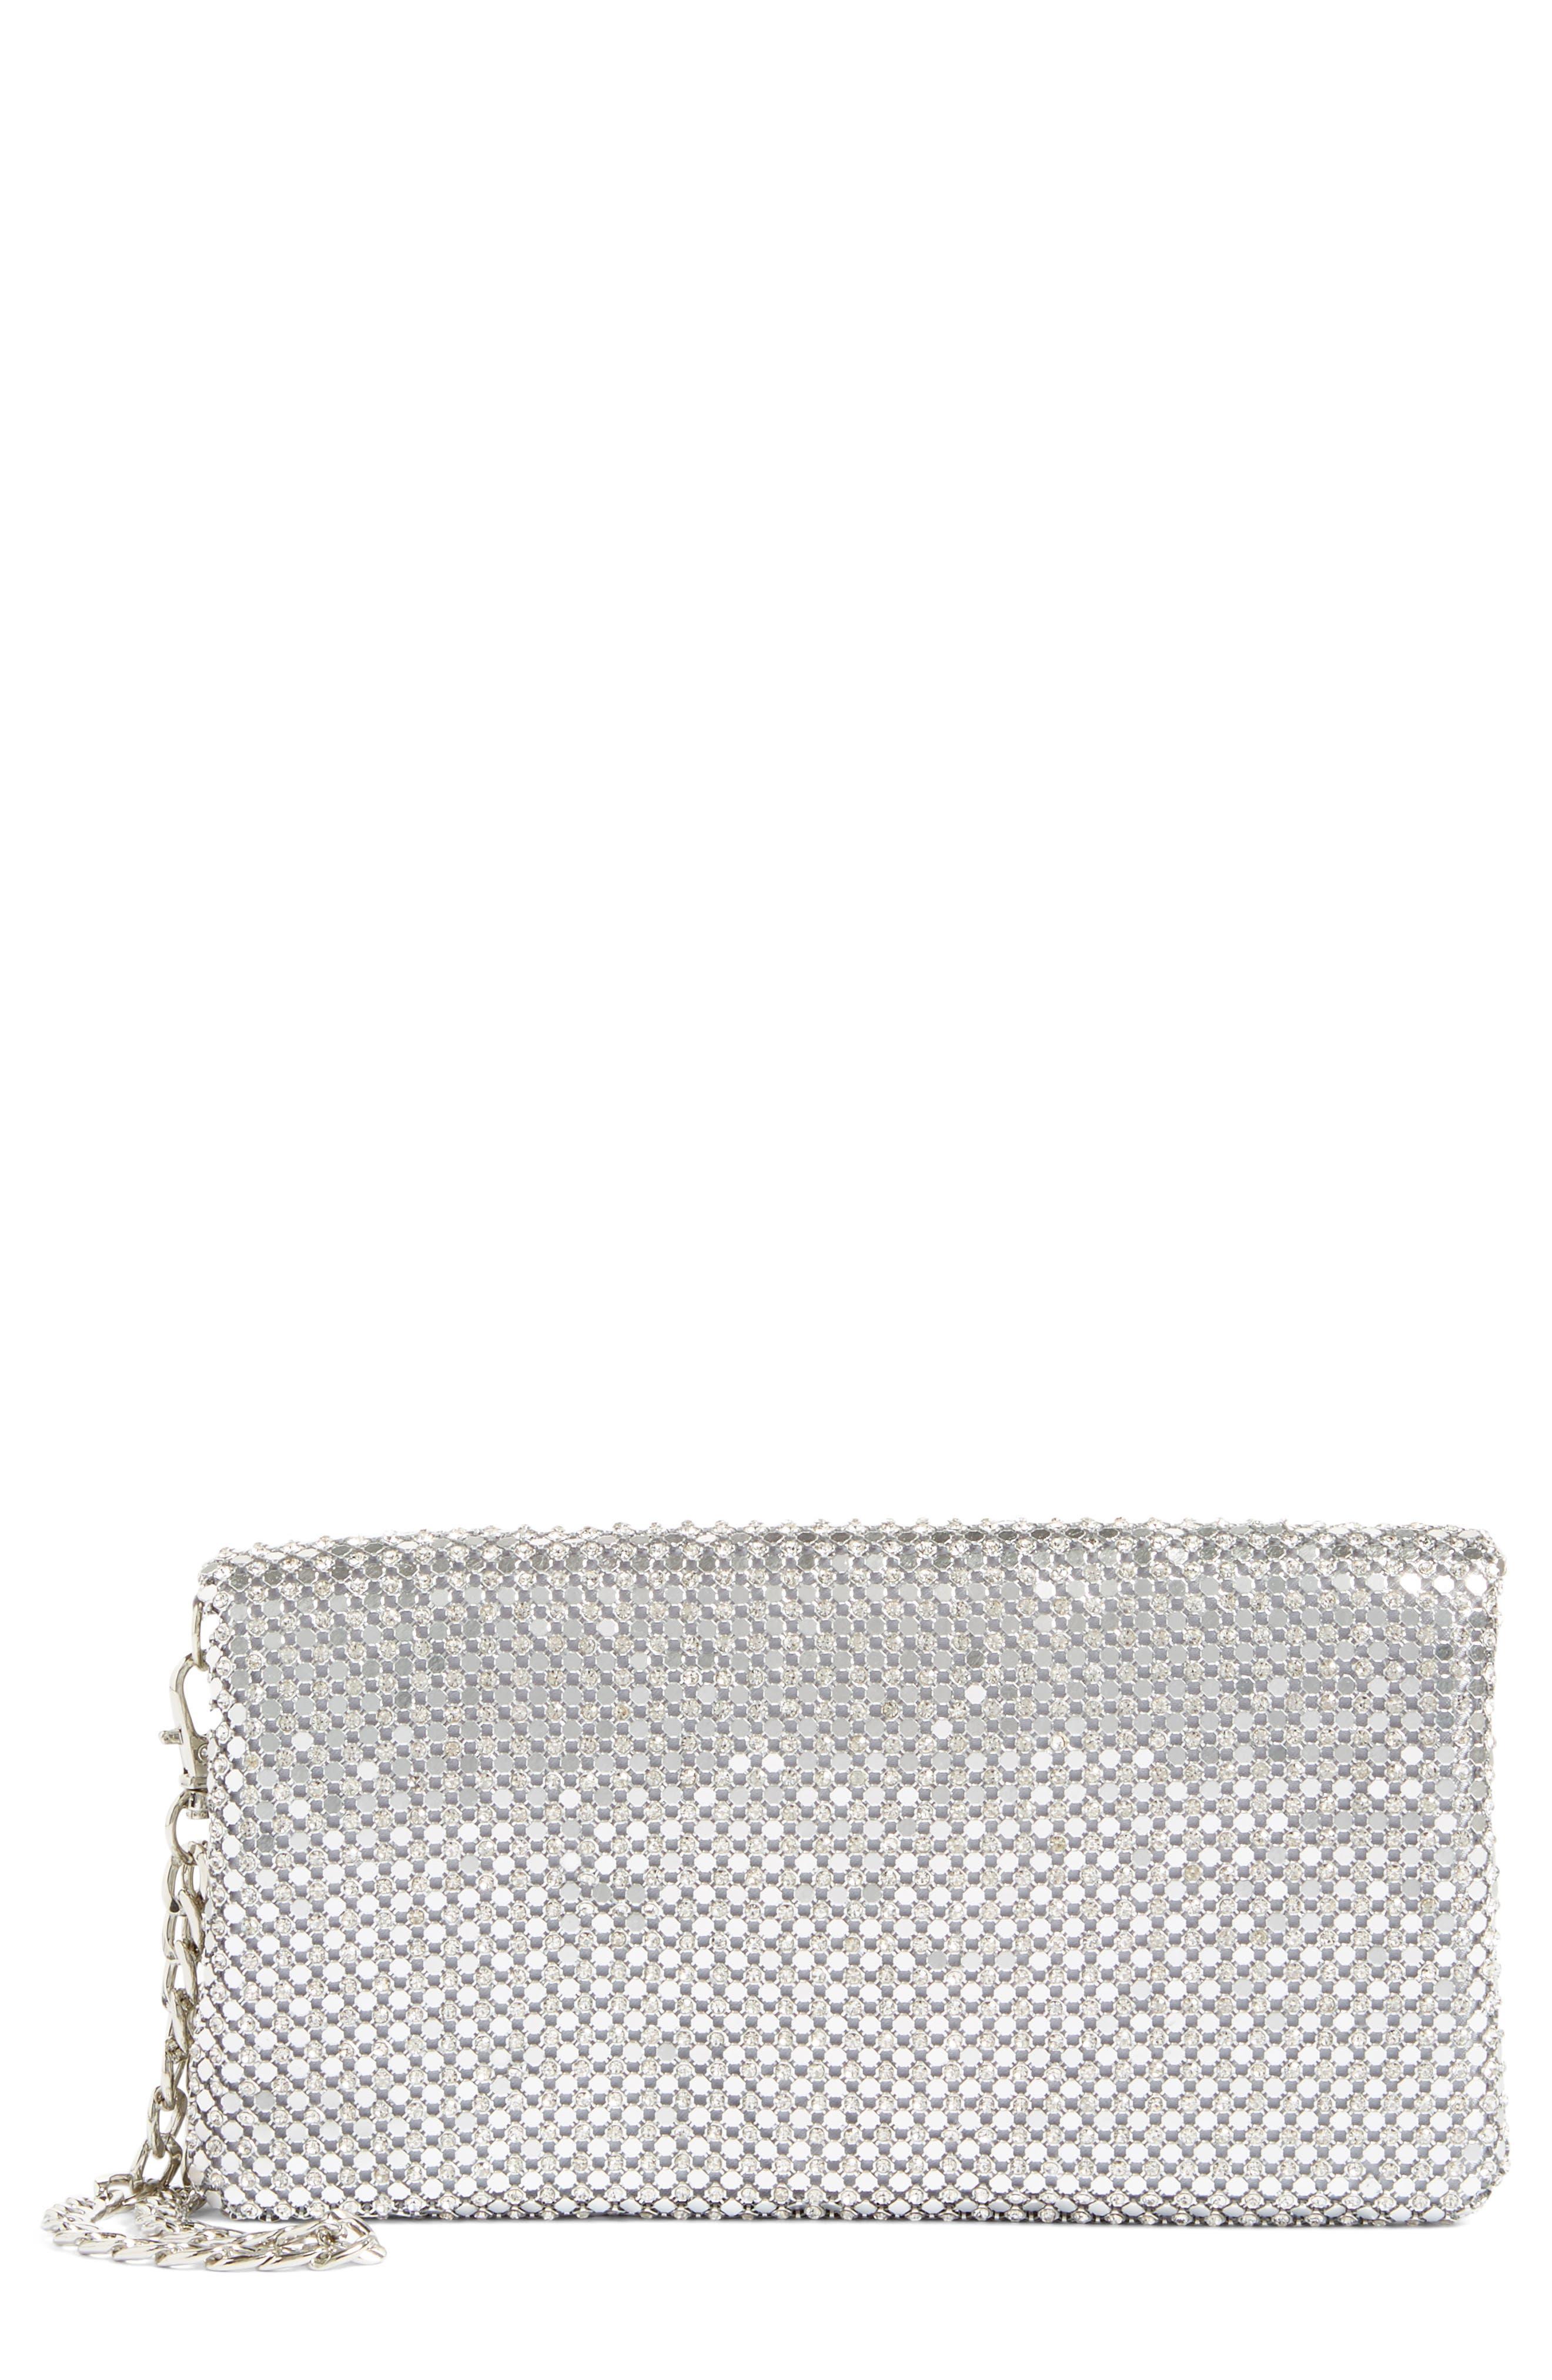 Glint Crystal Mesh Foldover Clutch